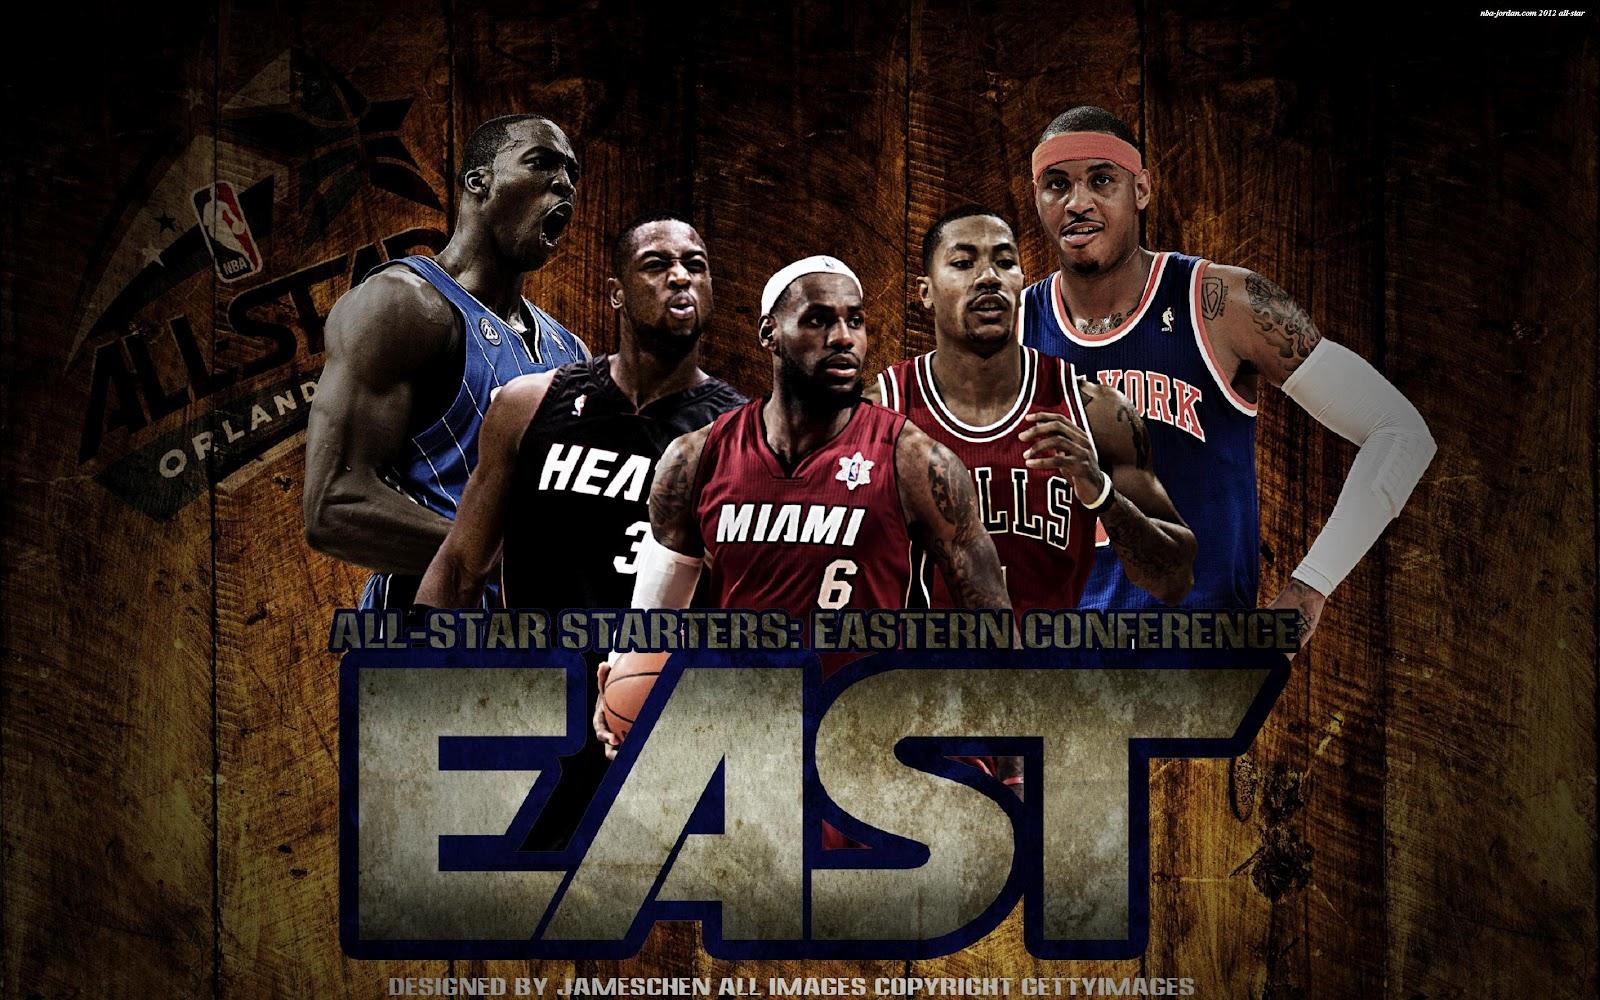 http://2.bp.blogspot.com/-Pj-a4Jvfze0/T0Fk9mulJMI/AAAAAAAAEus/IiuWIt53Apc/s1600/2012-NBA-All-Star.jpg